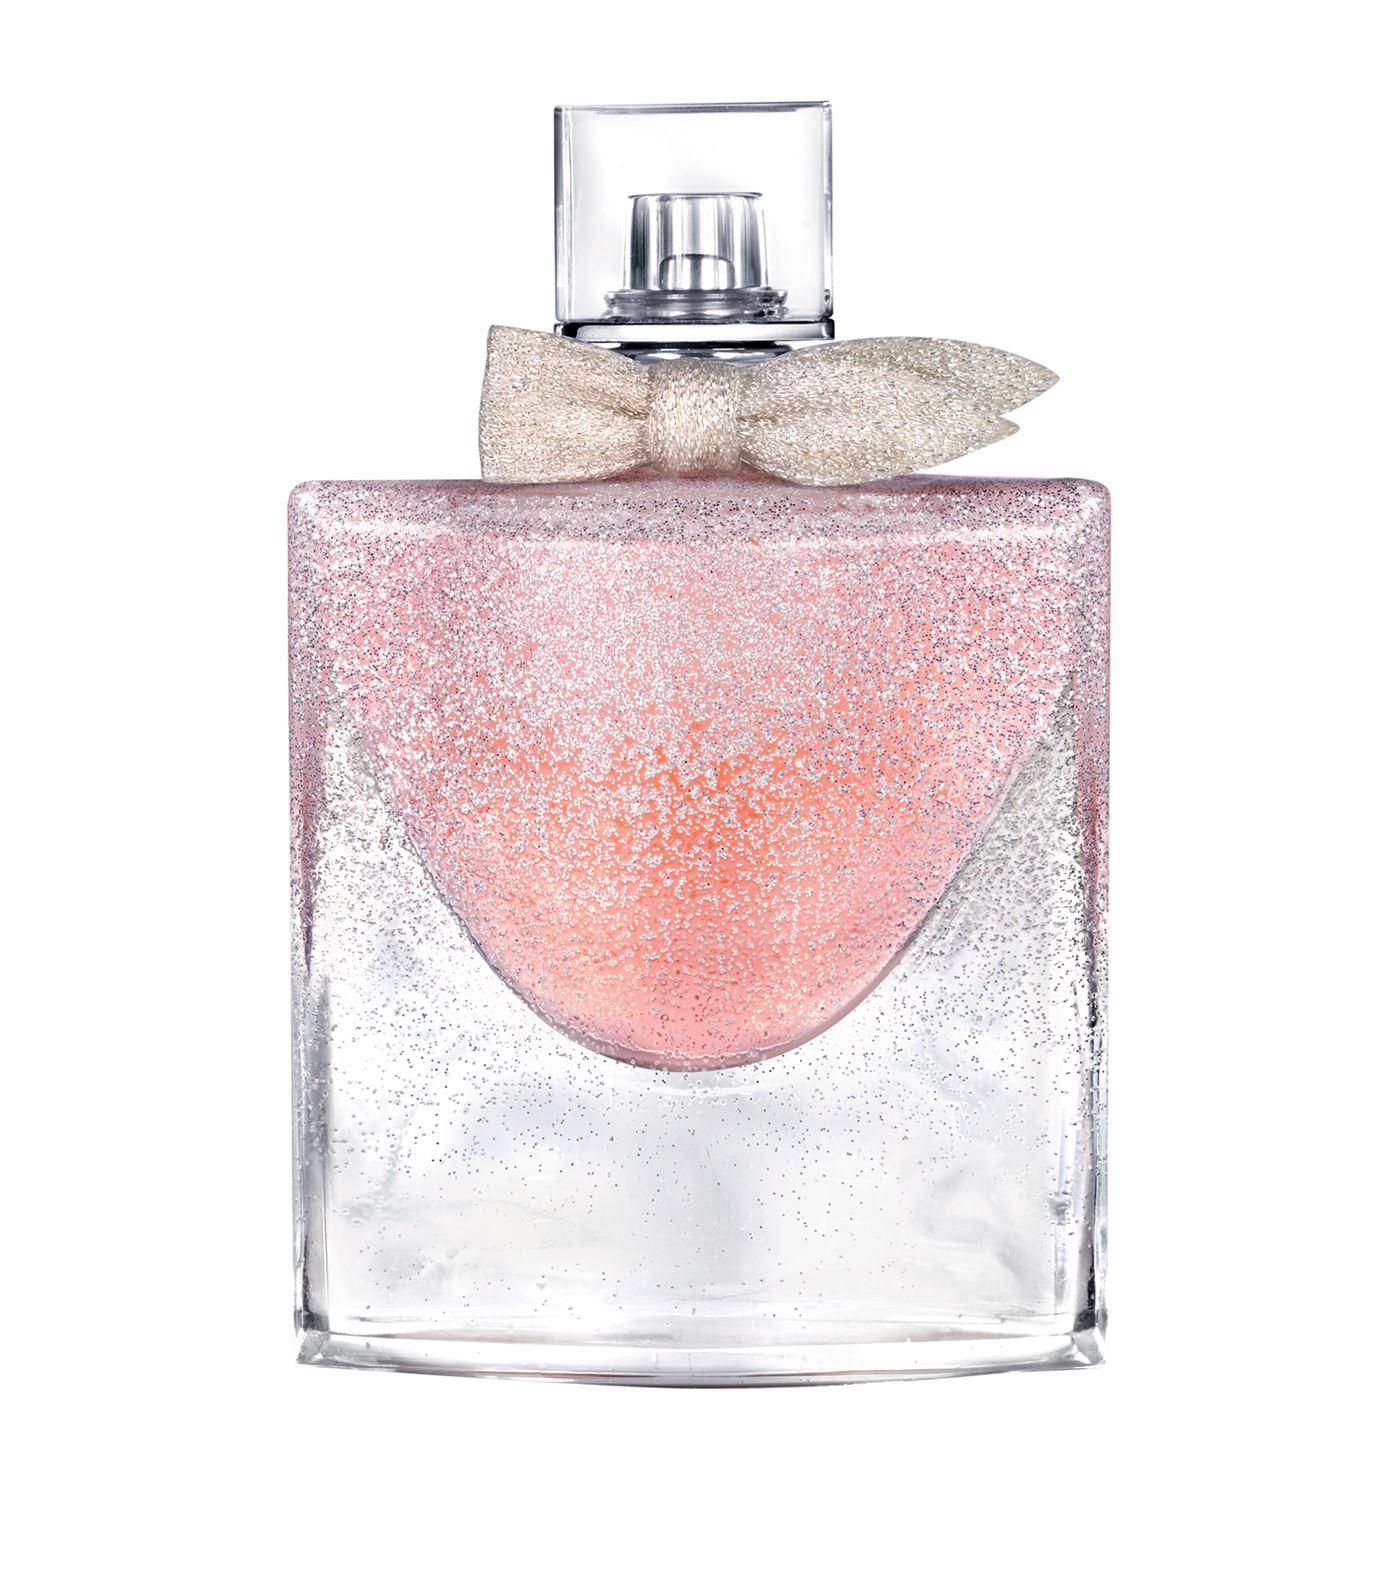 La Vie Est Belle Sparkly Christmas Edition Perfume